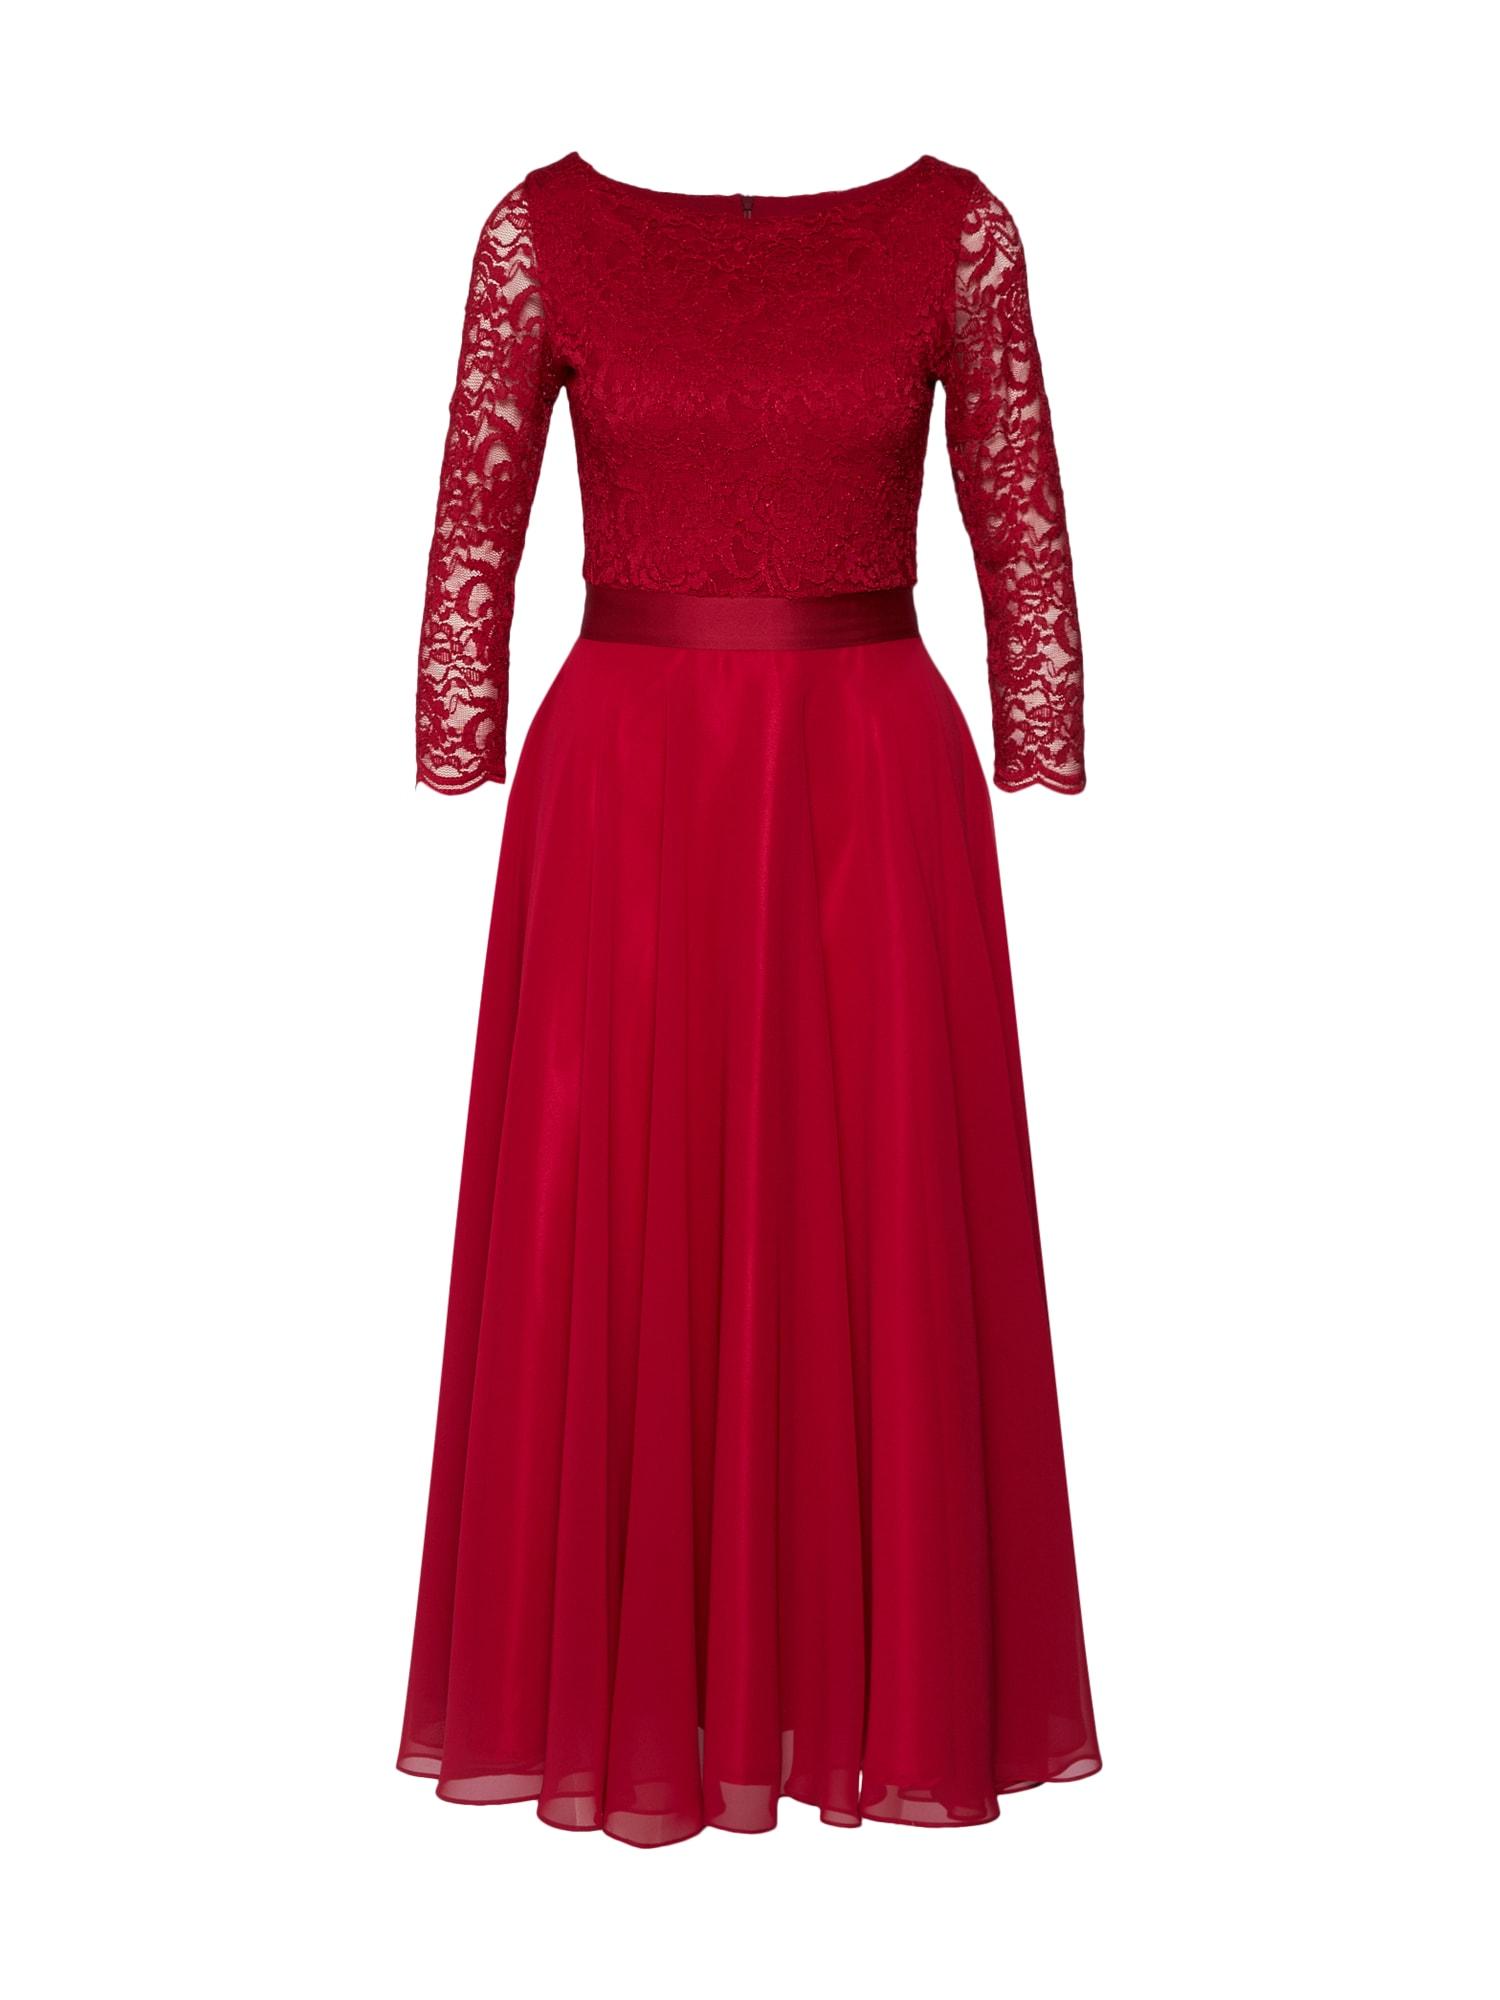 SWING Vakarinė suknelė vyno raudona spalva